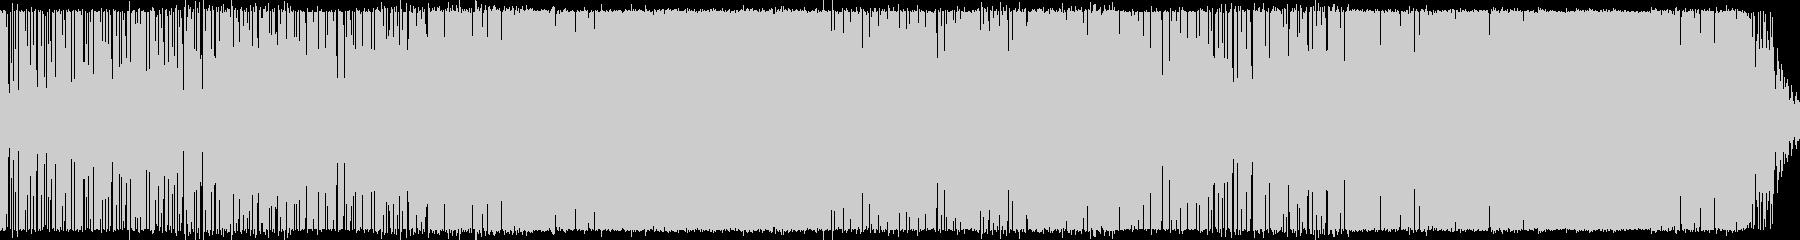 動画 サスペンス 説明的 ハイテク...の未再生の波形